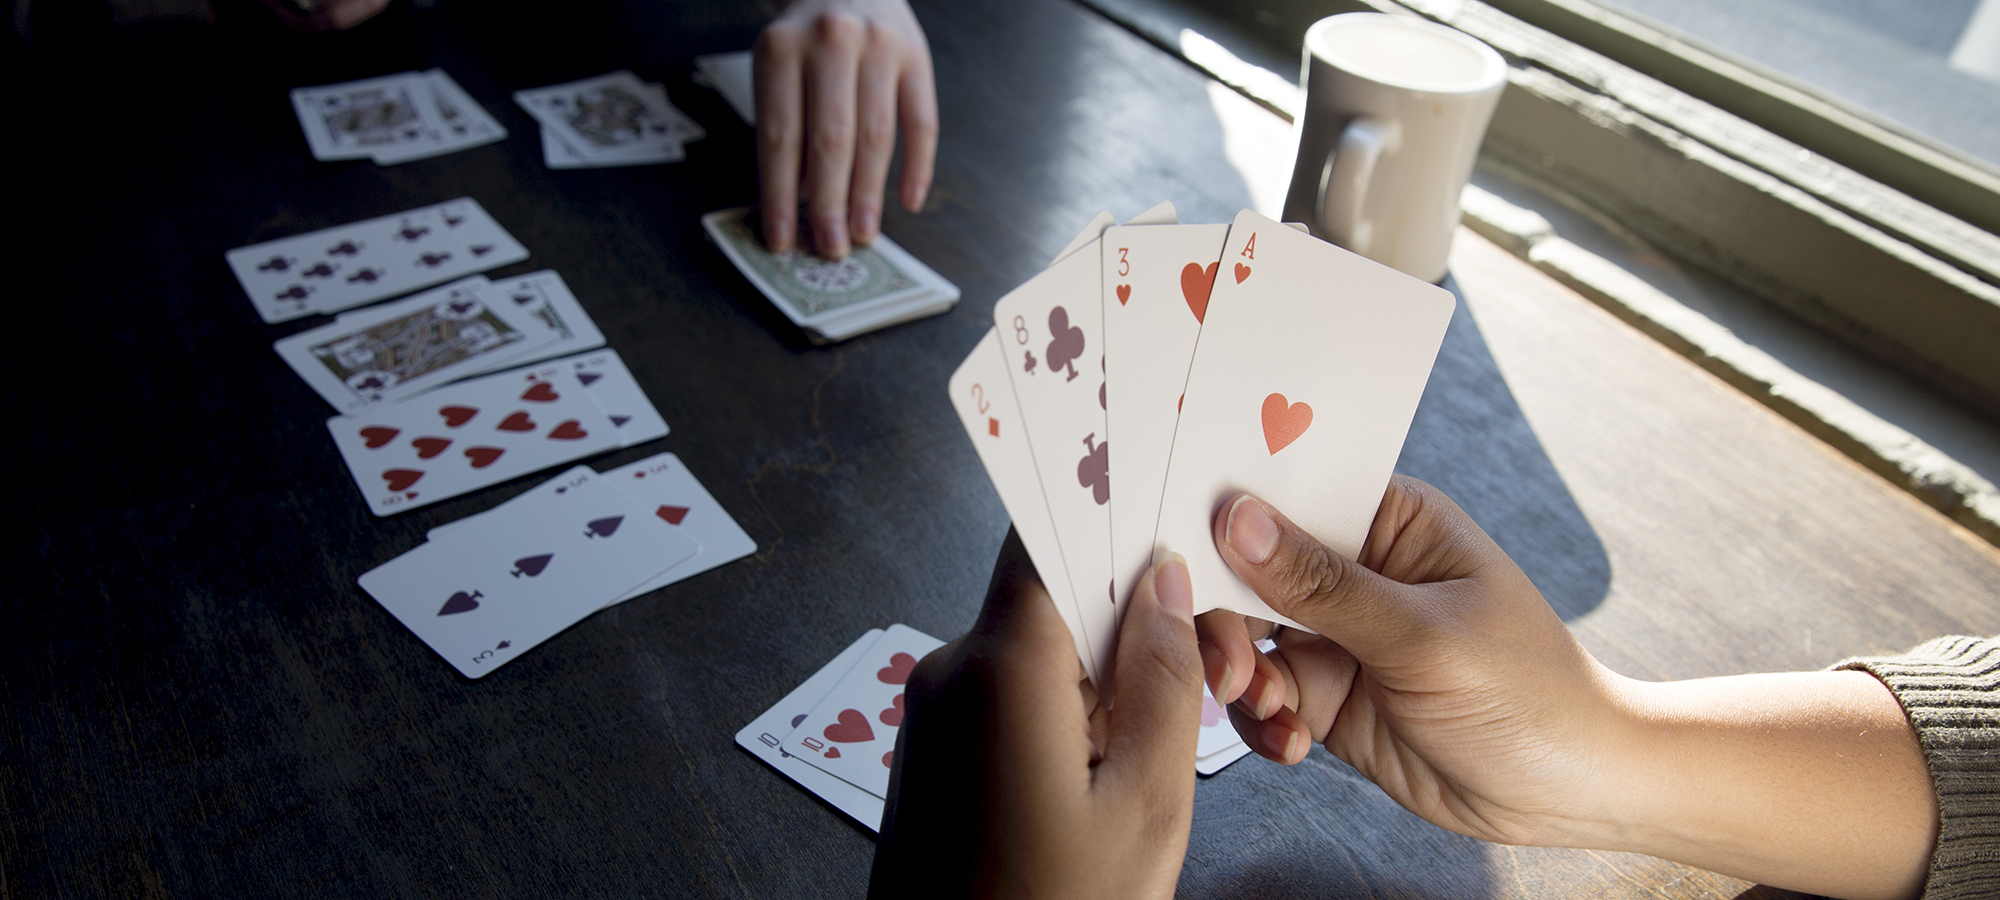 playing-card-game.jpg